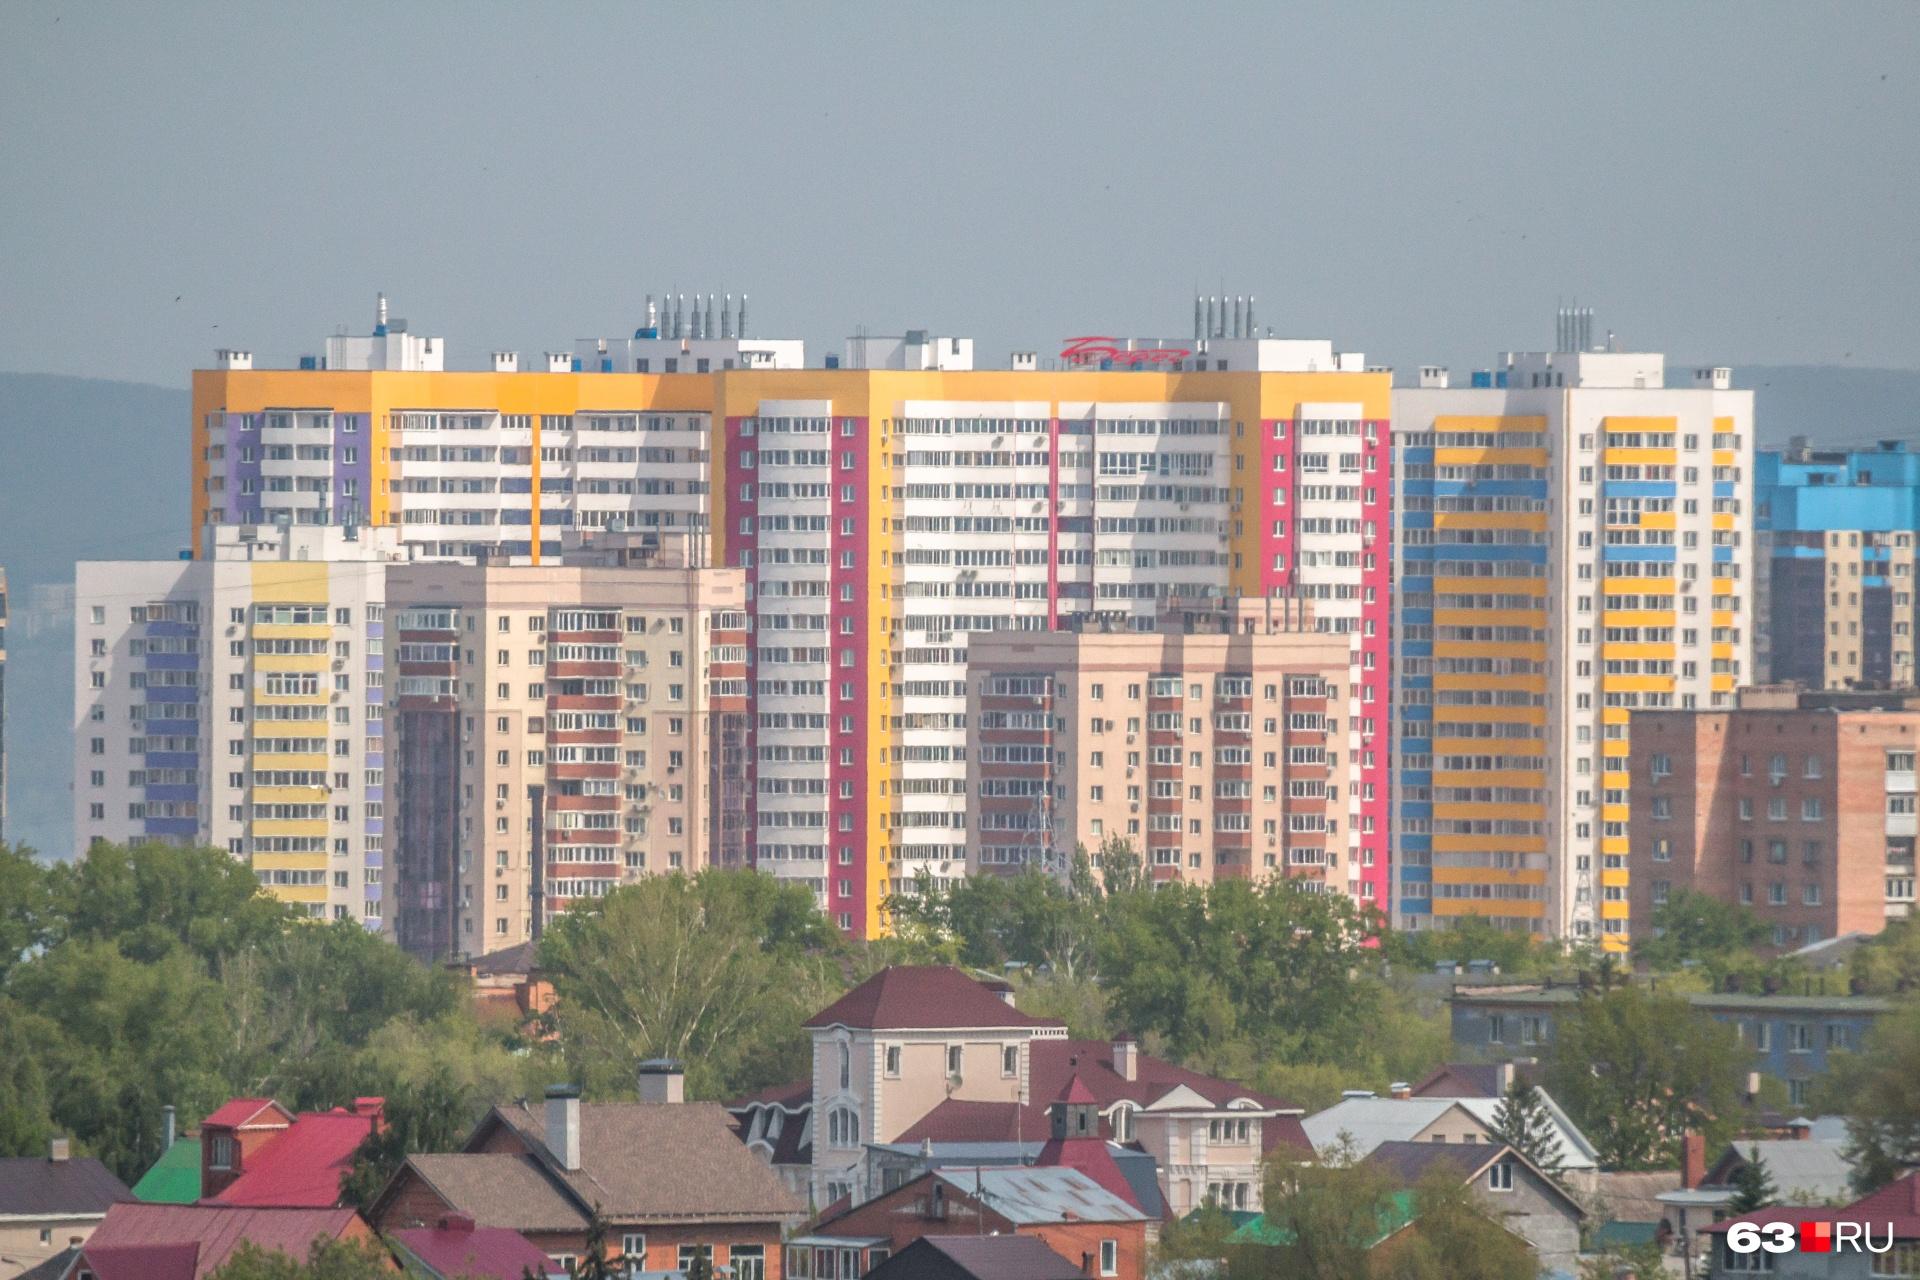 По мнению Виталия Стадникова, самарские застройщики делают квартиры по образцу советских времен